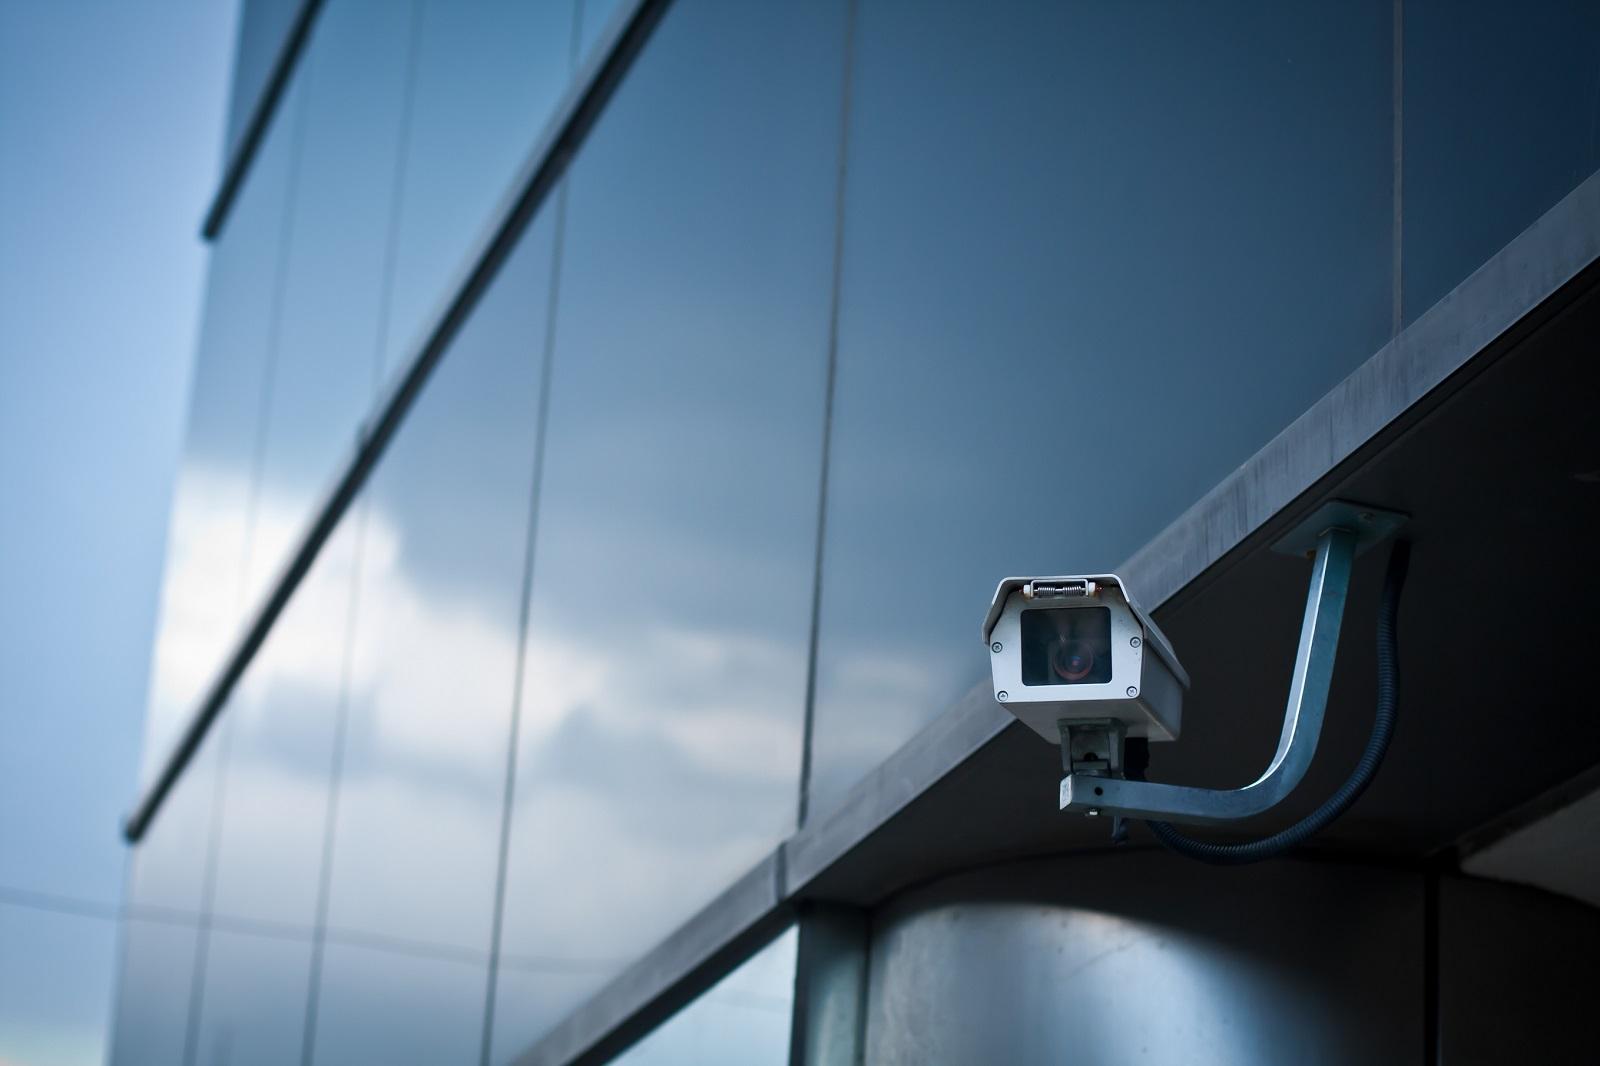 Audyty bezpieczeństwa w biznesie – dlaczego są niezbędne i jak przeprowadza je agencja detektywistyczna?